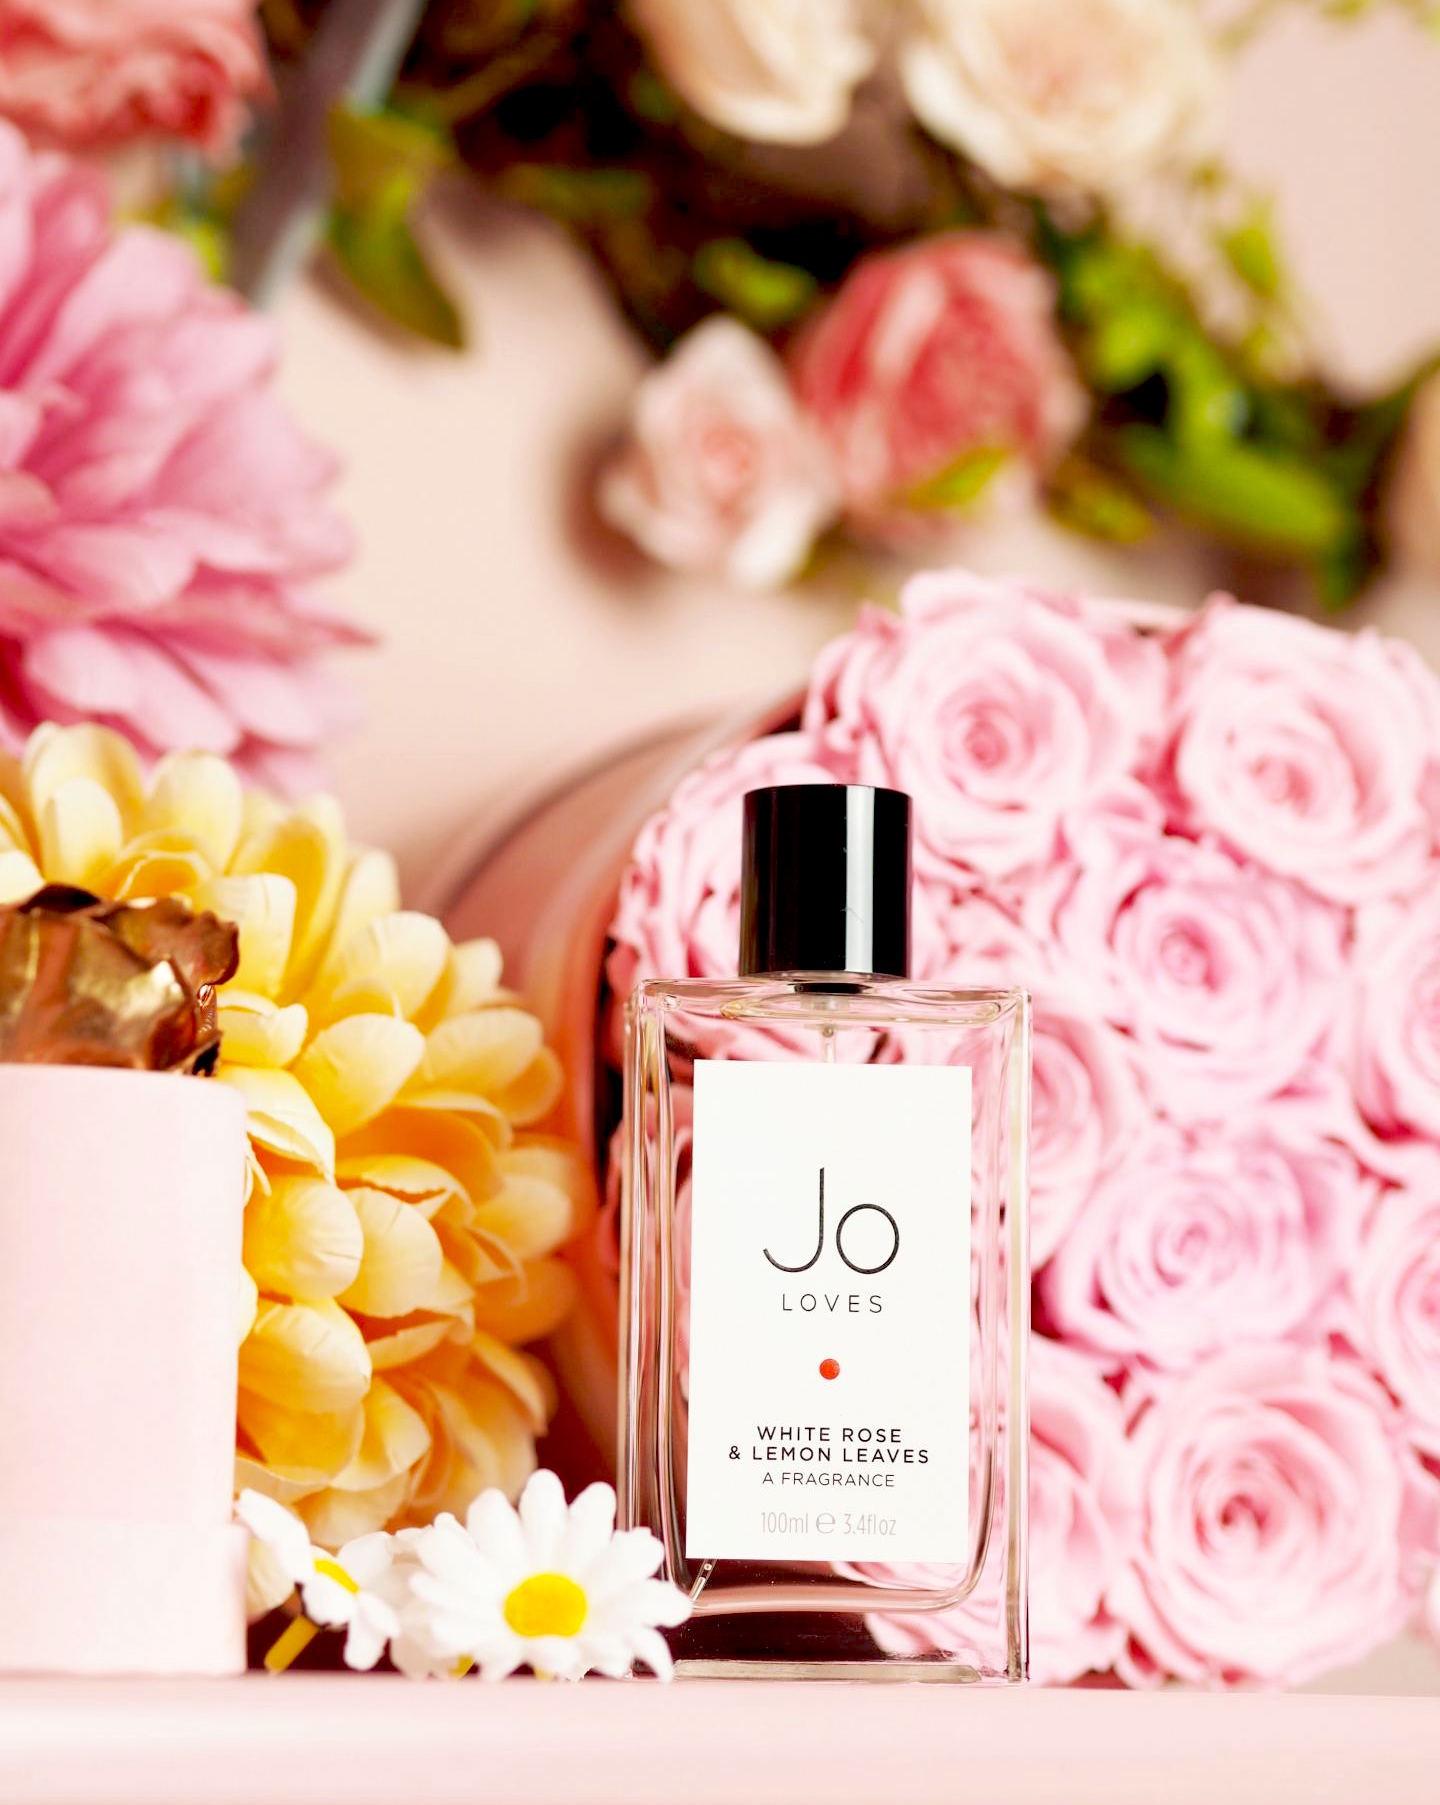 Jo Loves 'White Roses & Lemon Leaves' perfume fragrance review